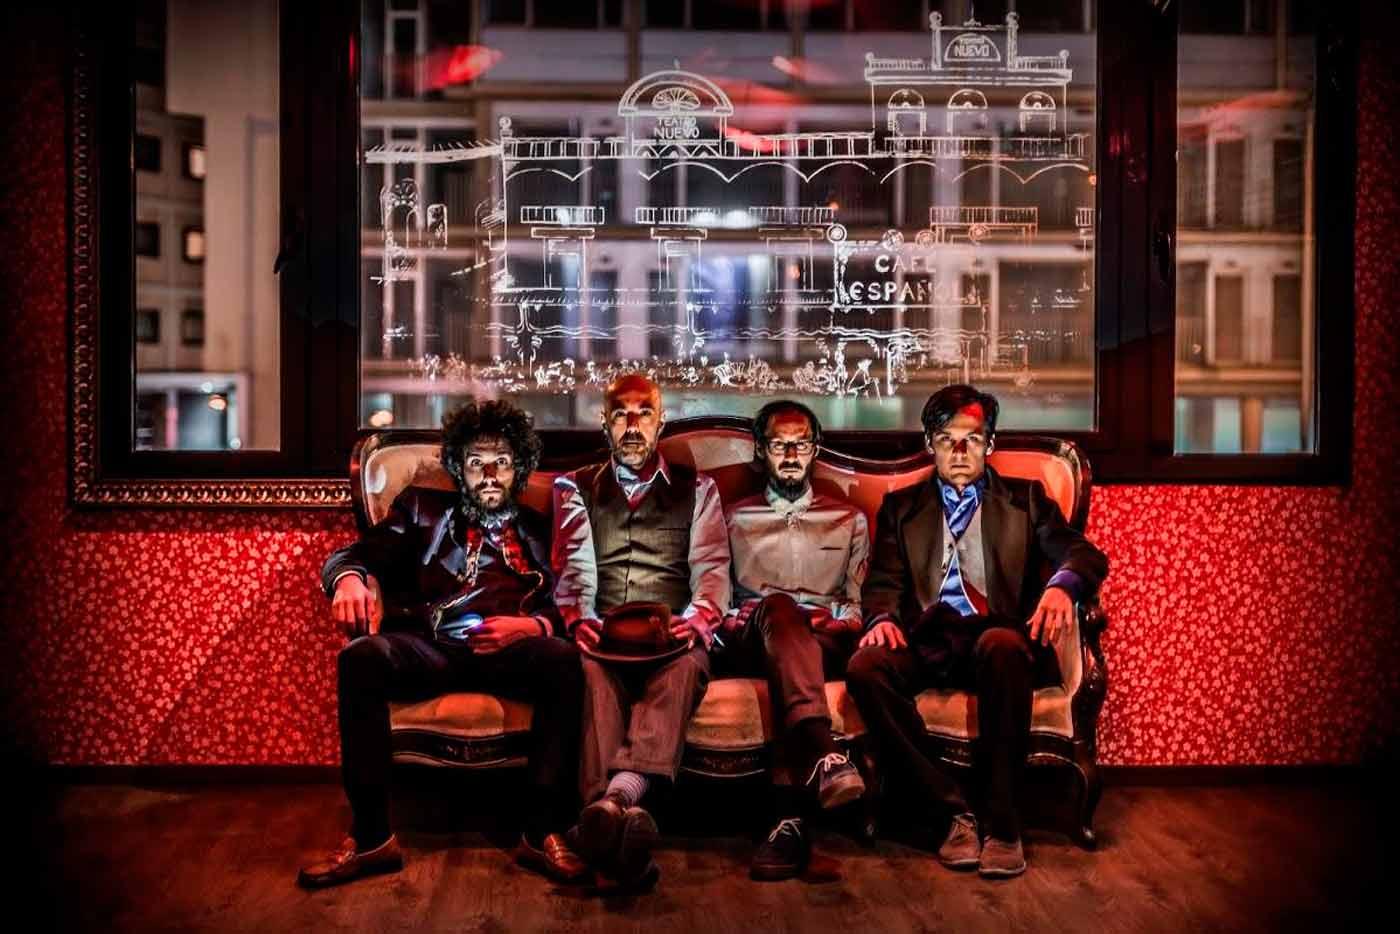 Seward lanzan un nuevo EP con remezclas de su último disco